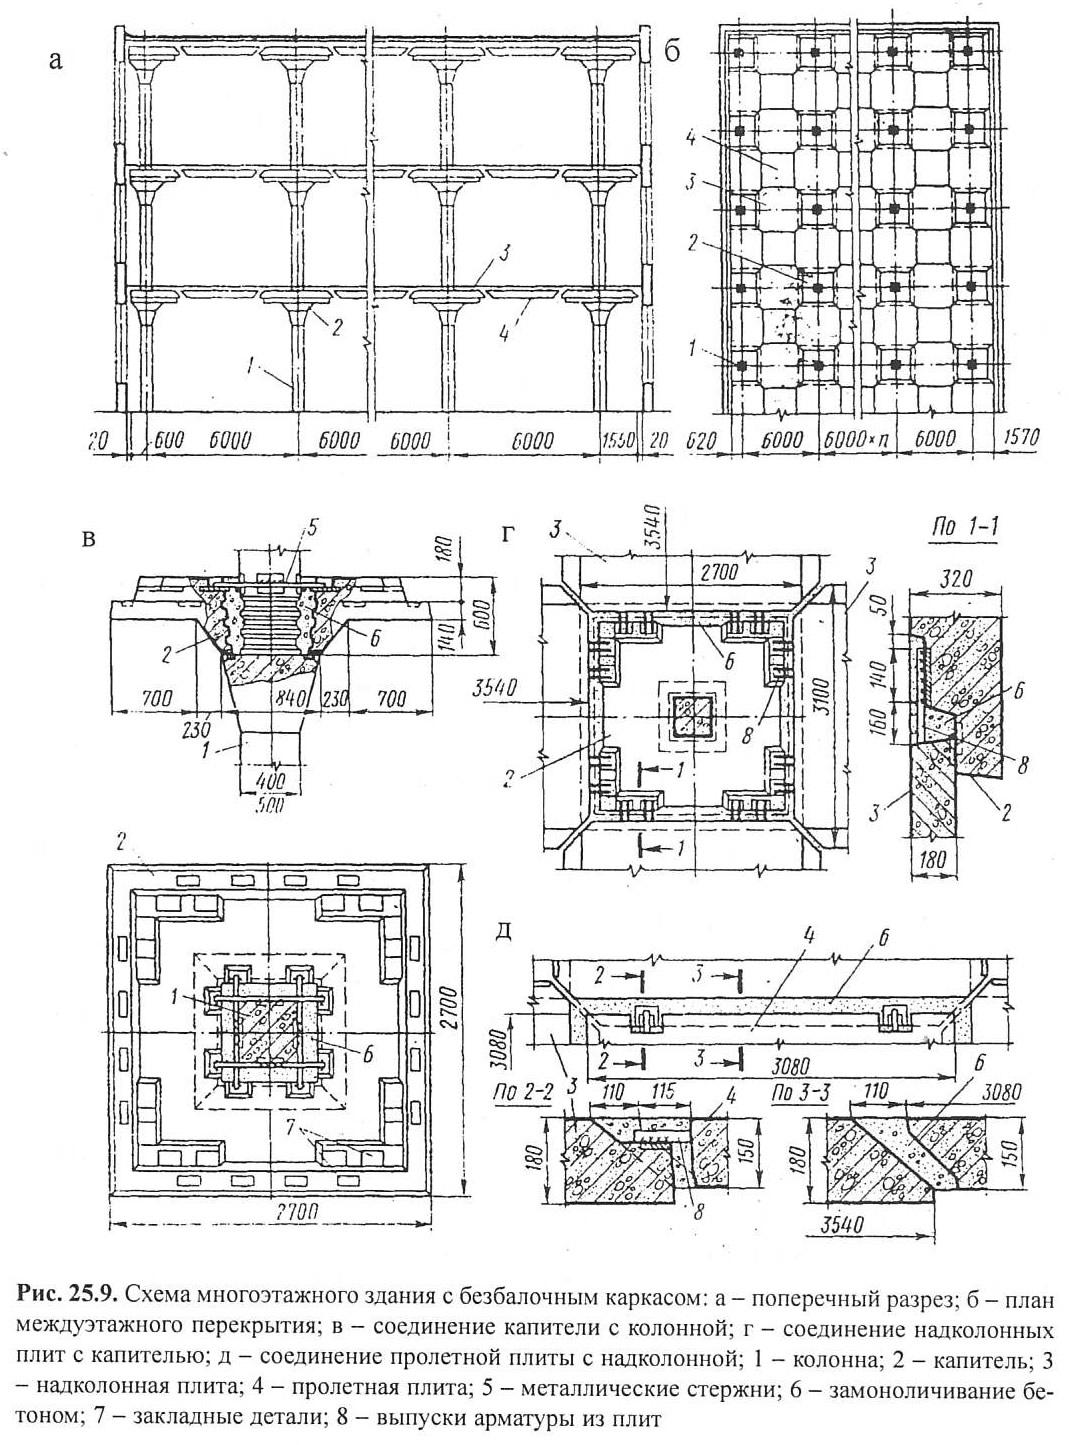 Скачать Серия 10201 Конструкции каркаса межвидового